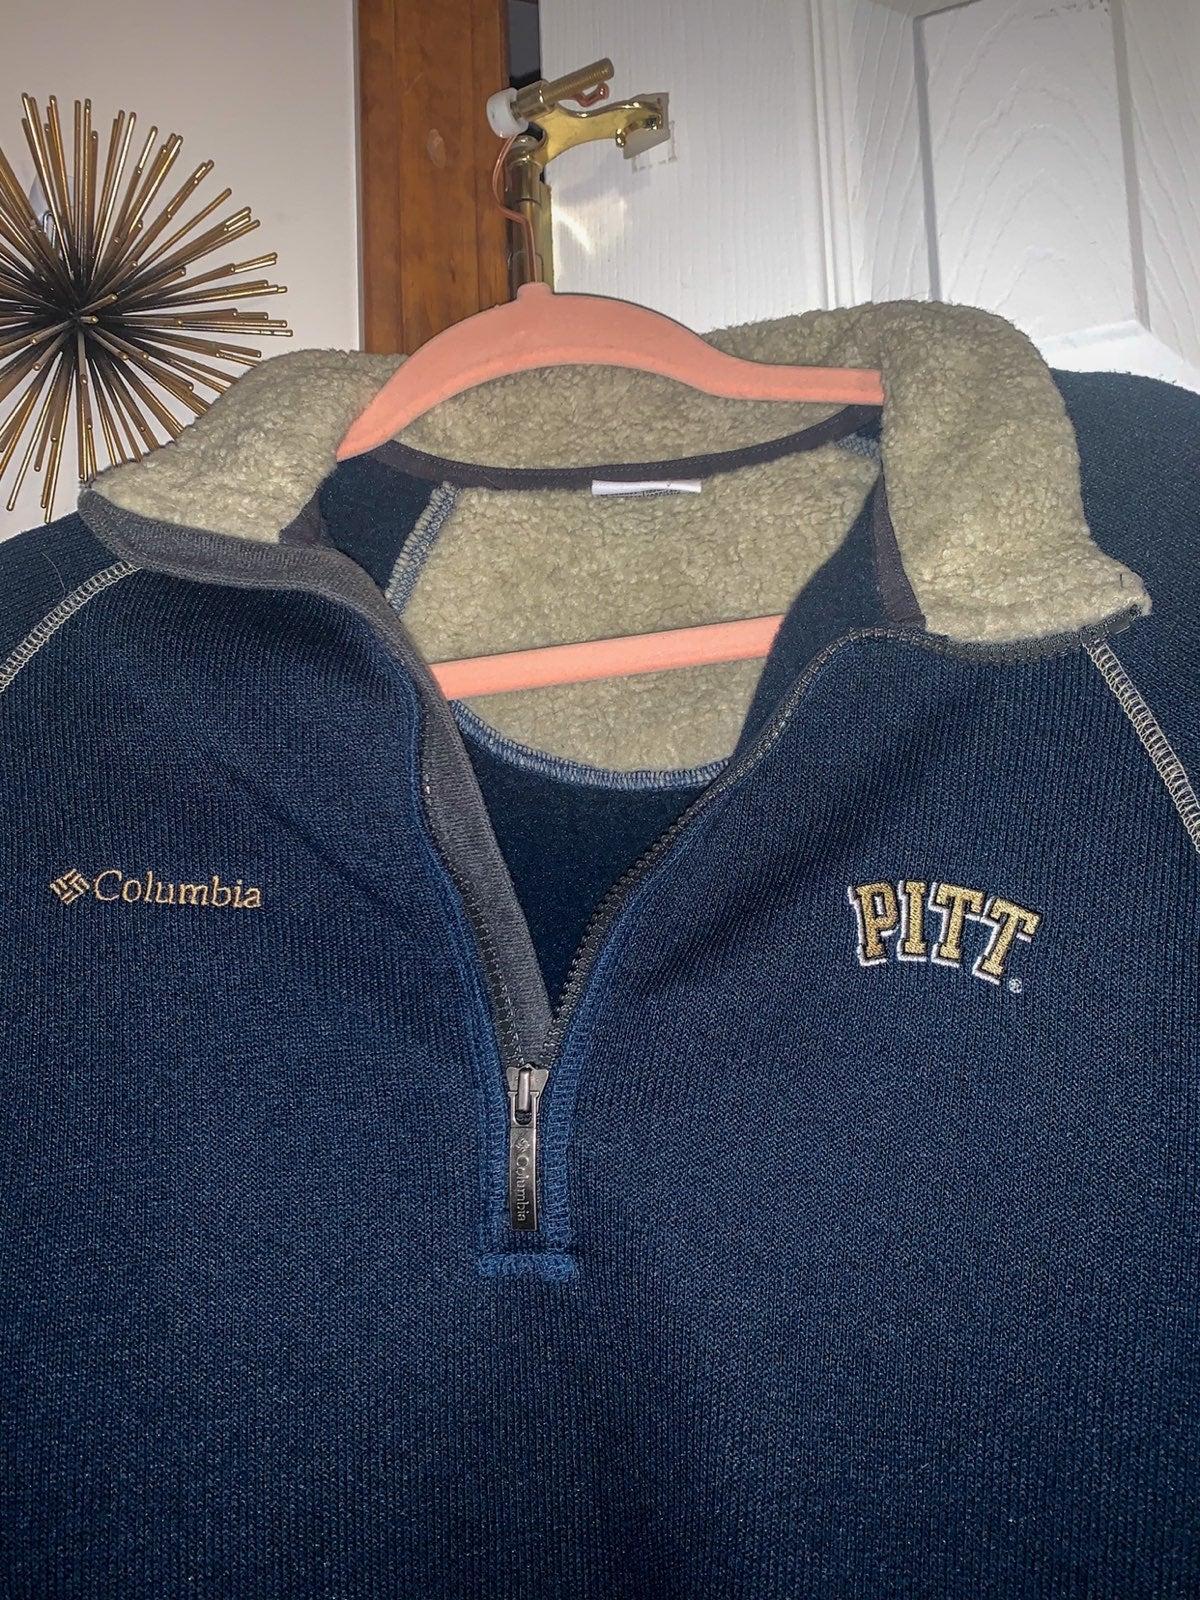 Columbia PITT quater zip